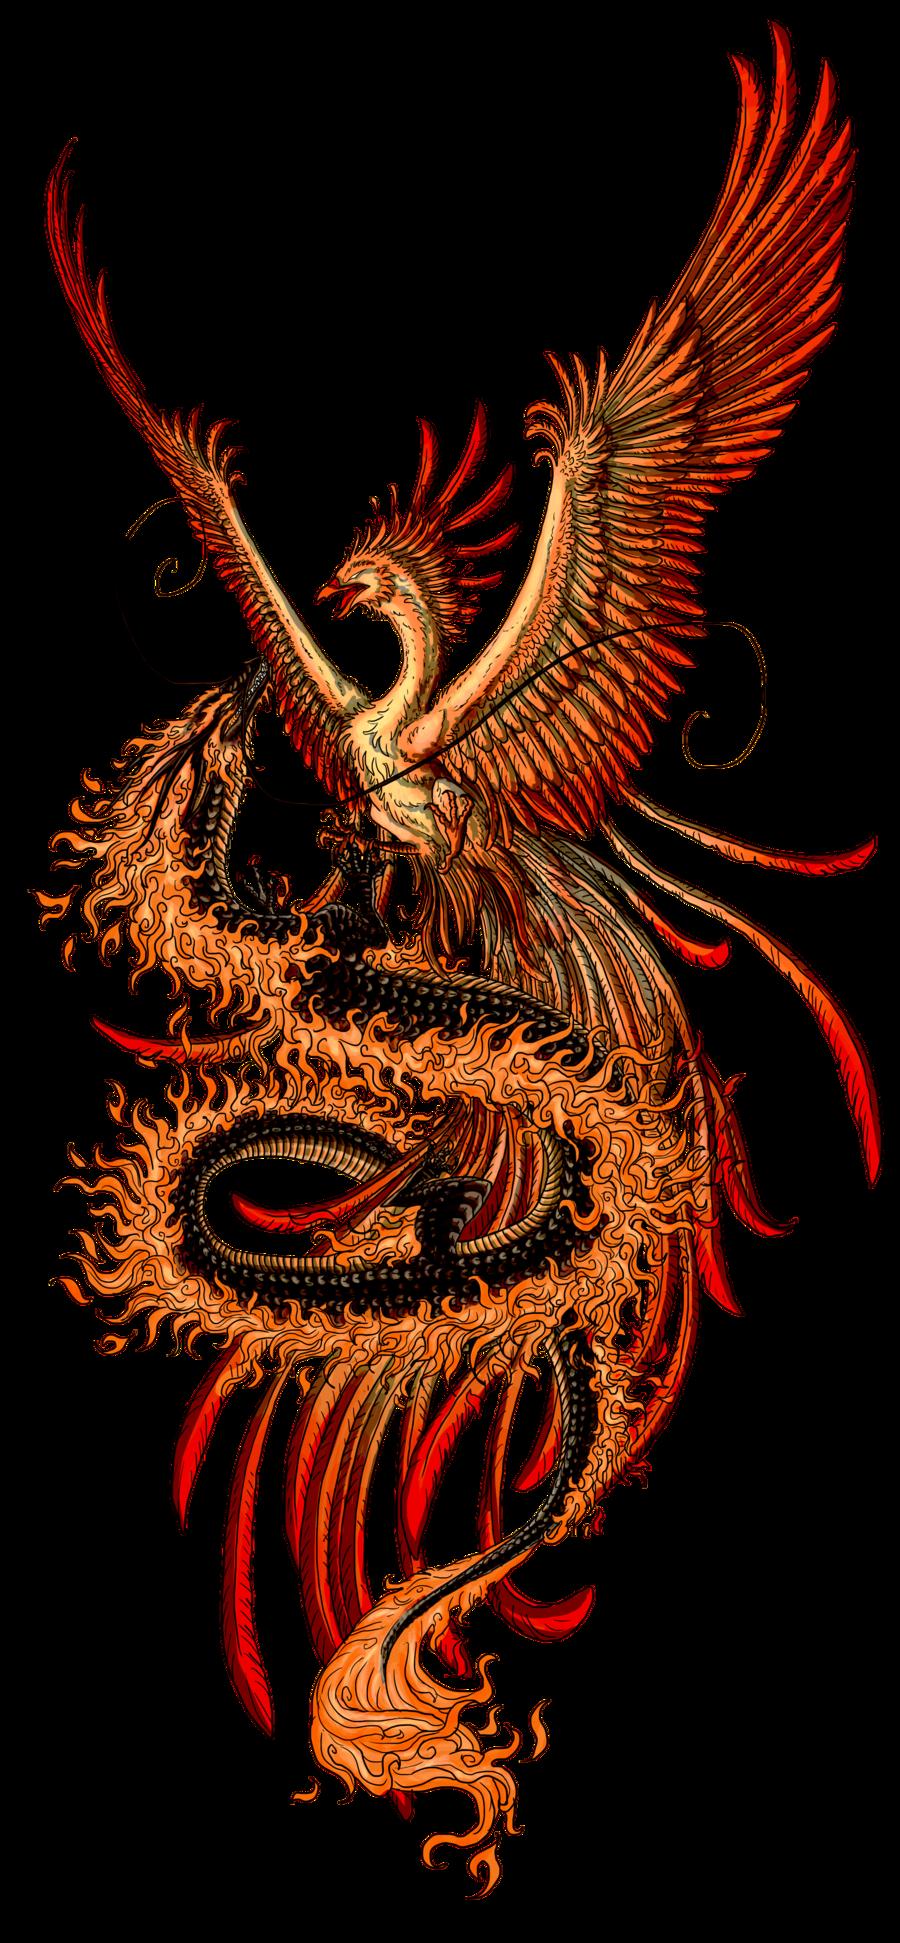 Like Tattoo Phoenix tattoos for women love it